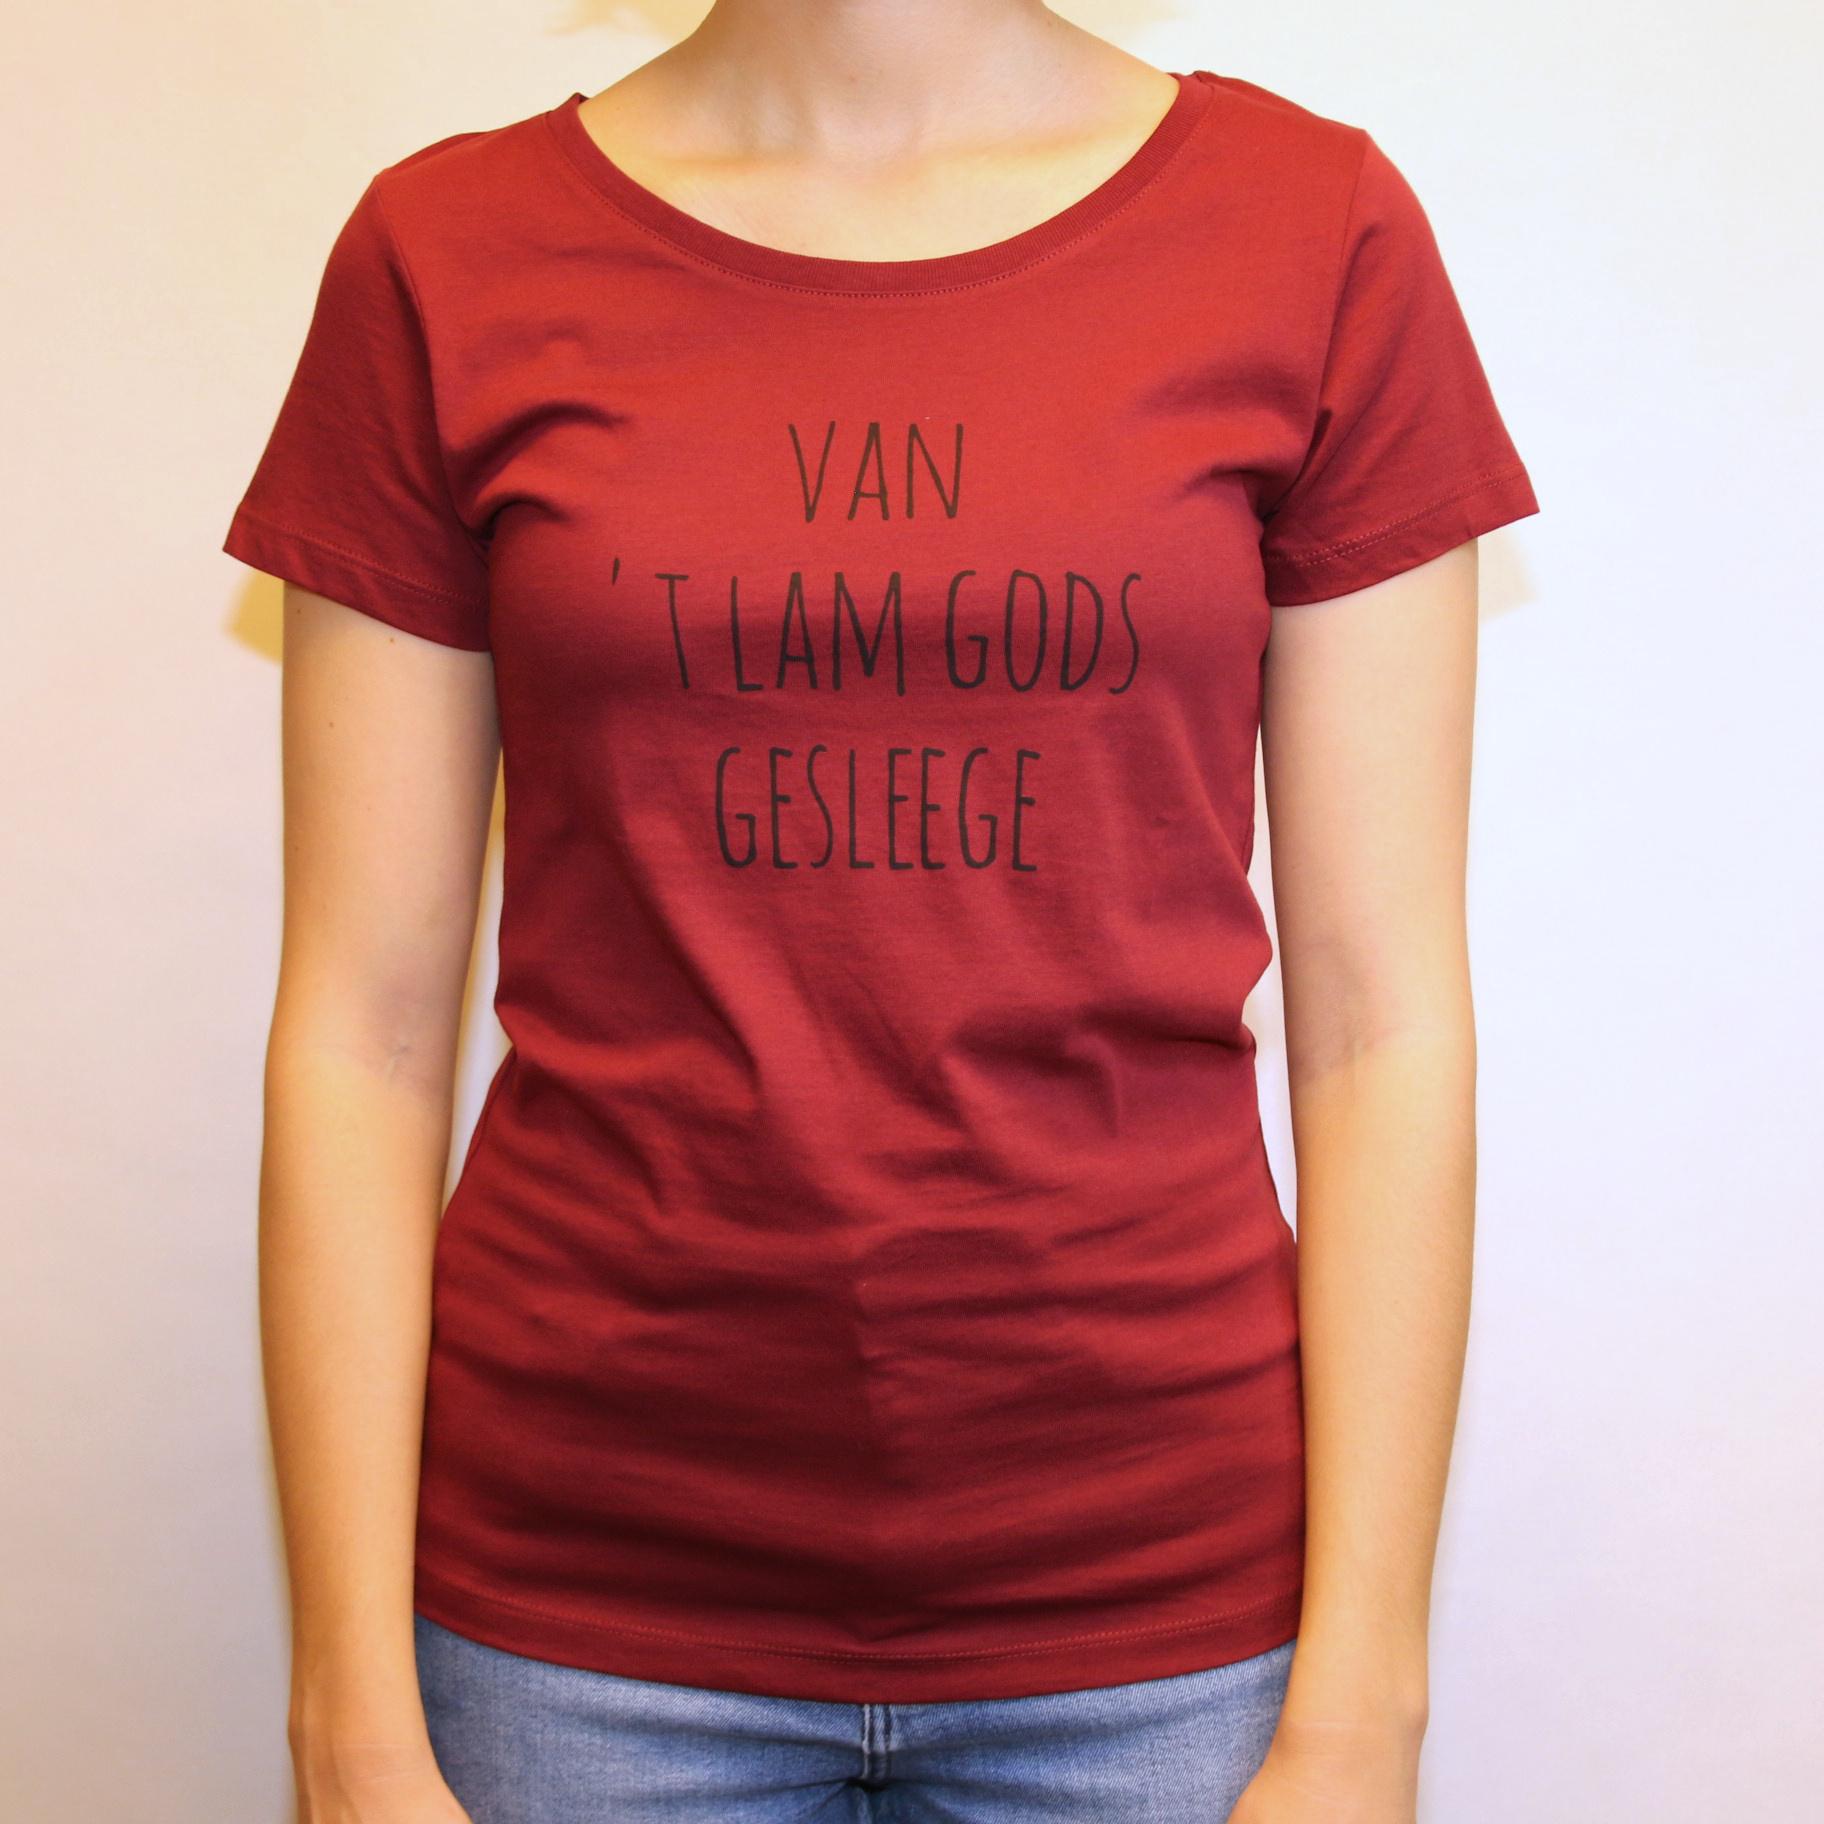 Negenduust T-shirt van 't Lam Gods gesleege - vrouwenmodel bordeaux - Negenduust